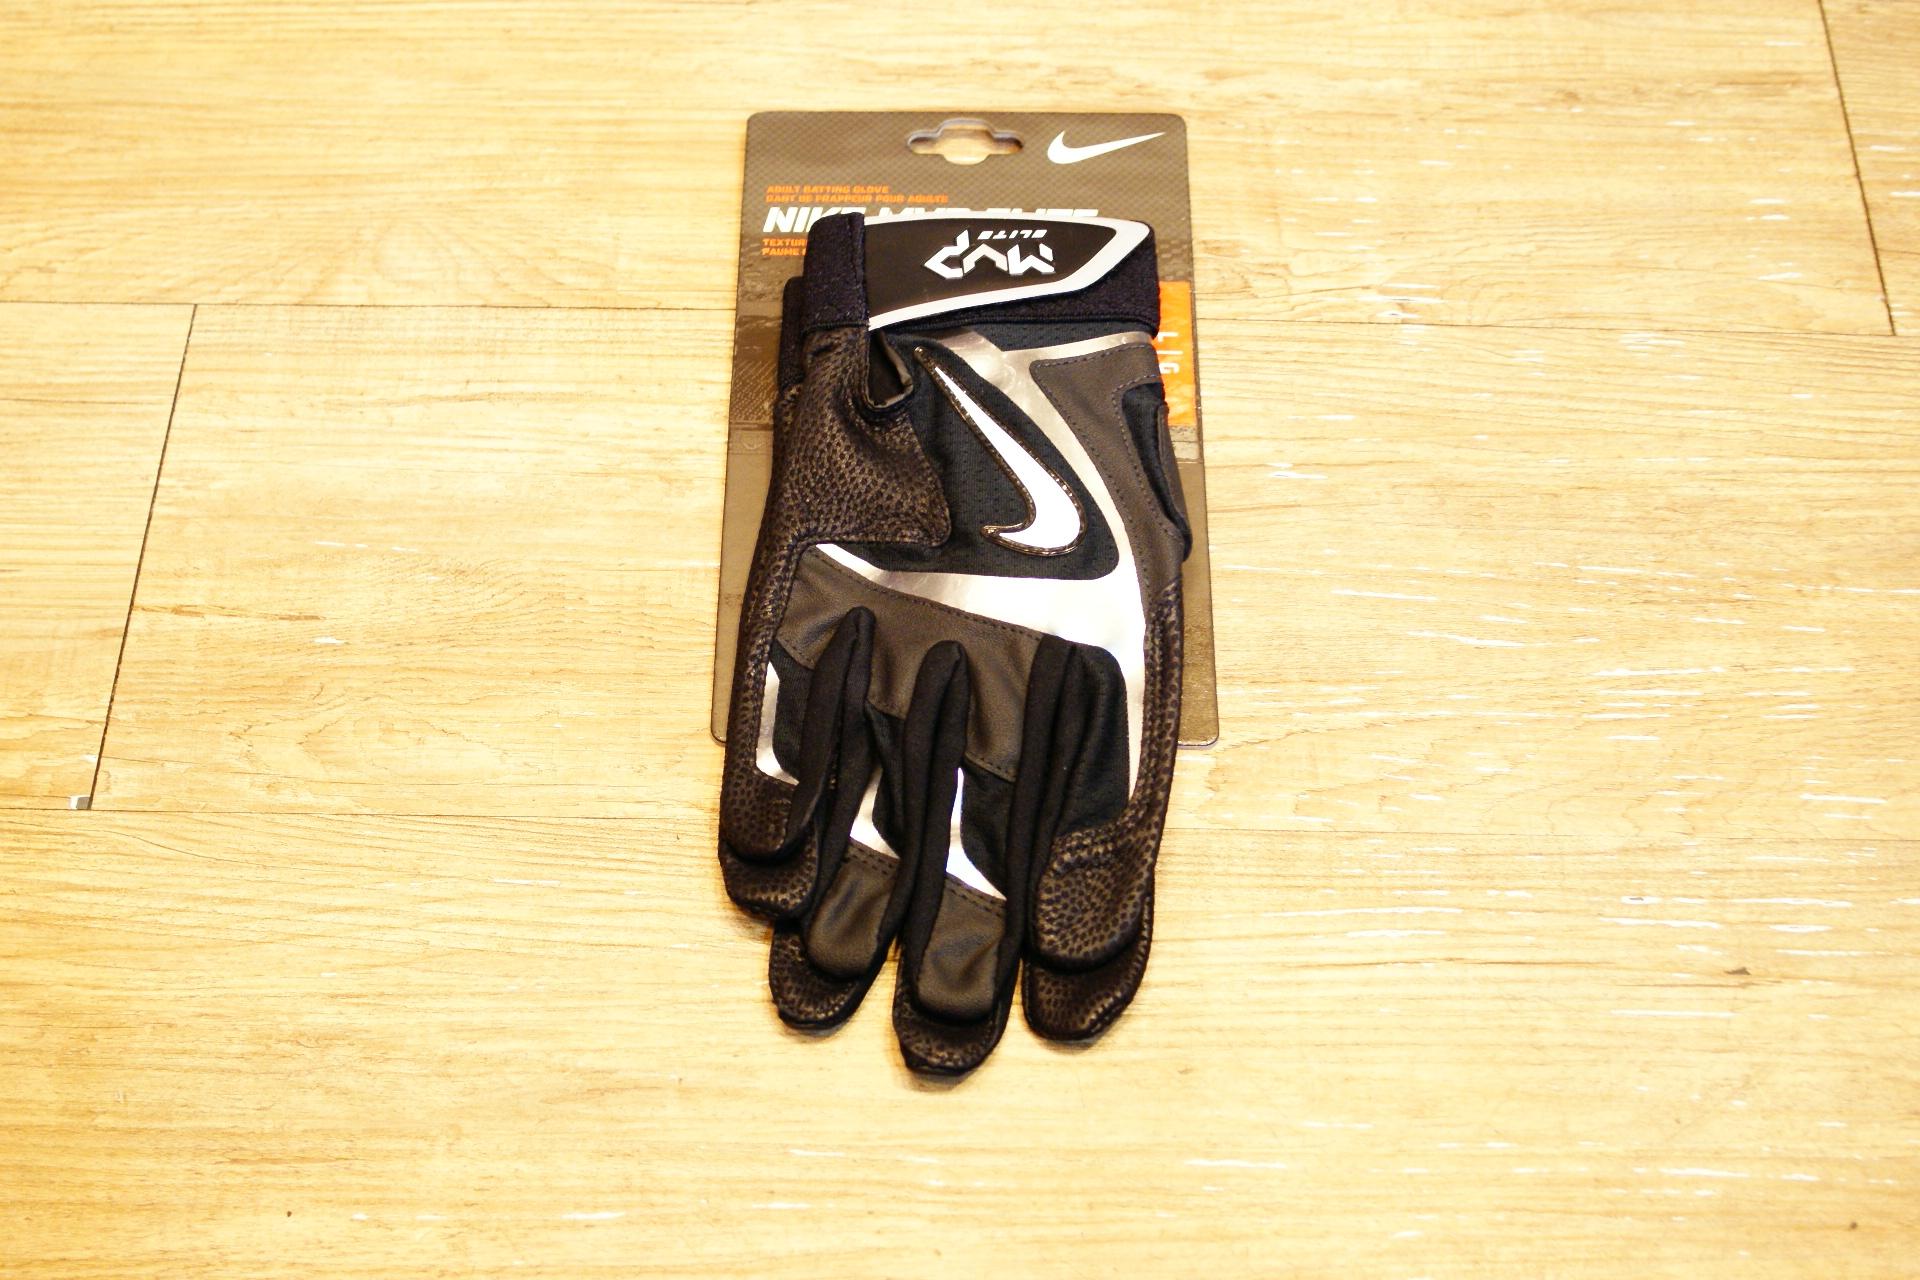 棒球世界 Nike MVP ELITE 最新款打擊手套每雙特價 黑灰配色